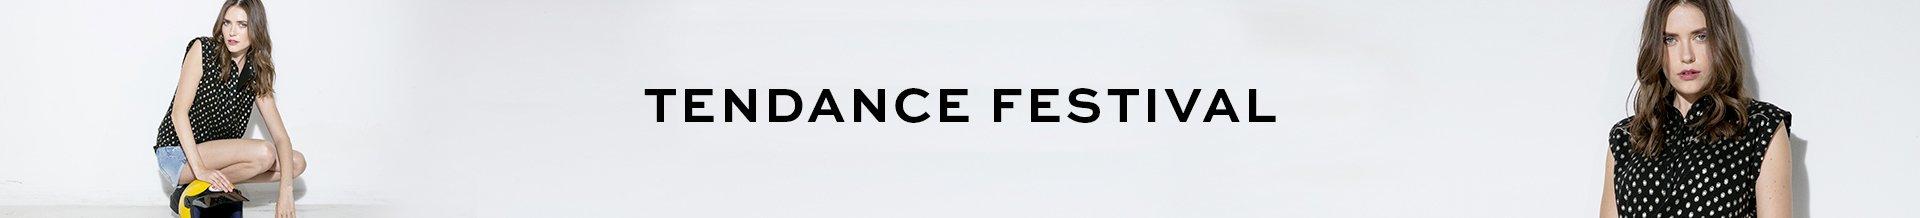 Tendance Festival